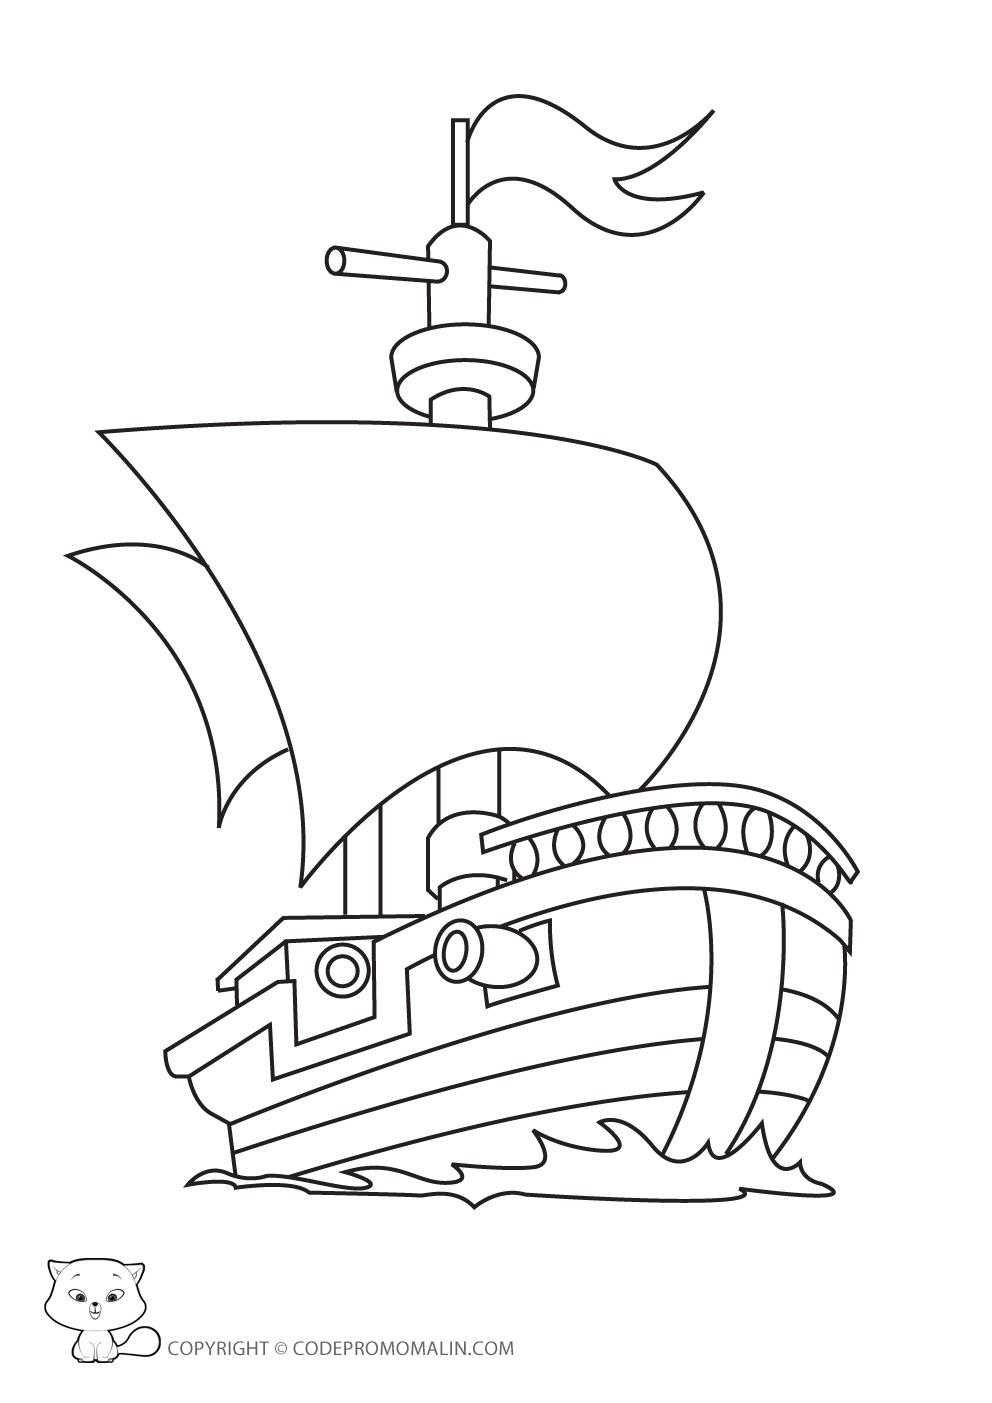 Coloriage dessiner bateau ulysse - Dessin de bateau facile ...